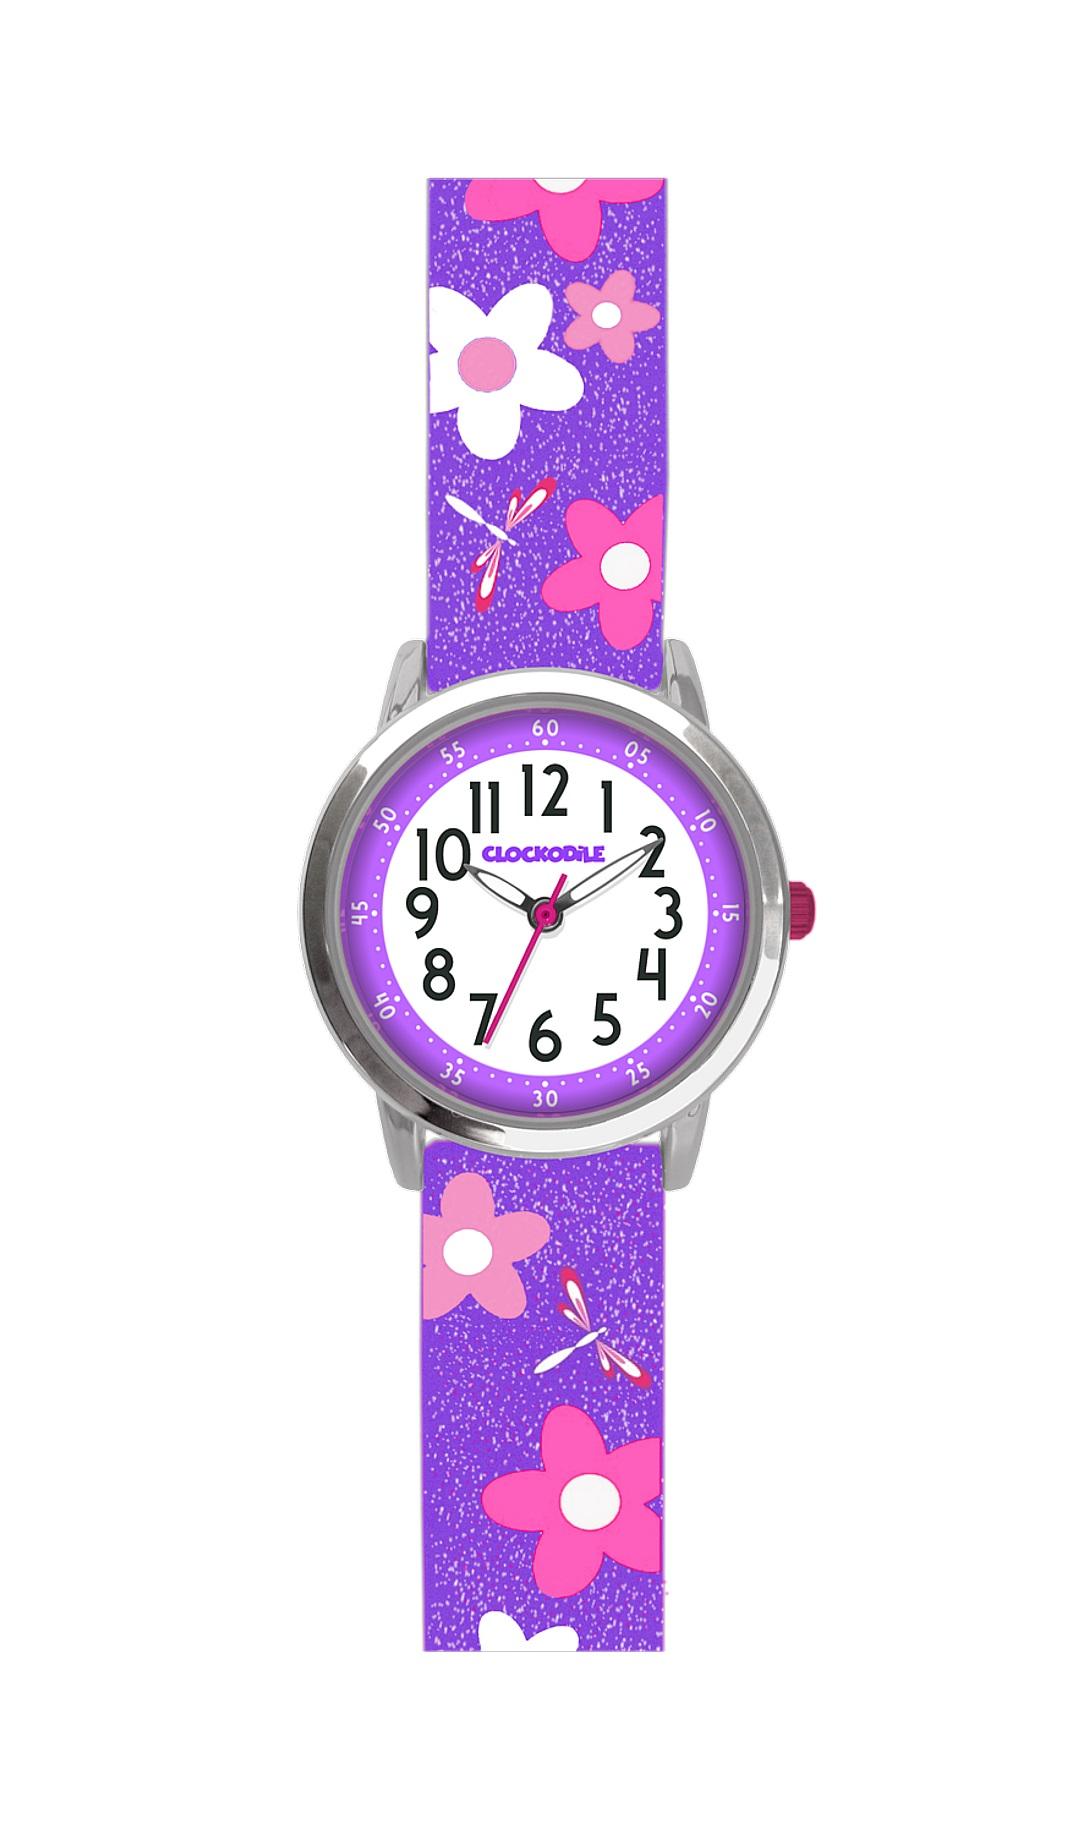 Květované fialové dívčí hodinky CLOCKODILE FLOWERS se třpytkami CWG5021 (CWG5021)